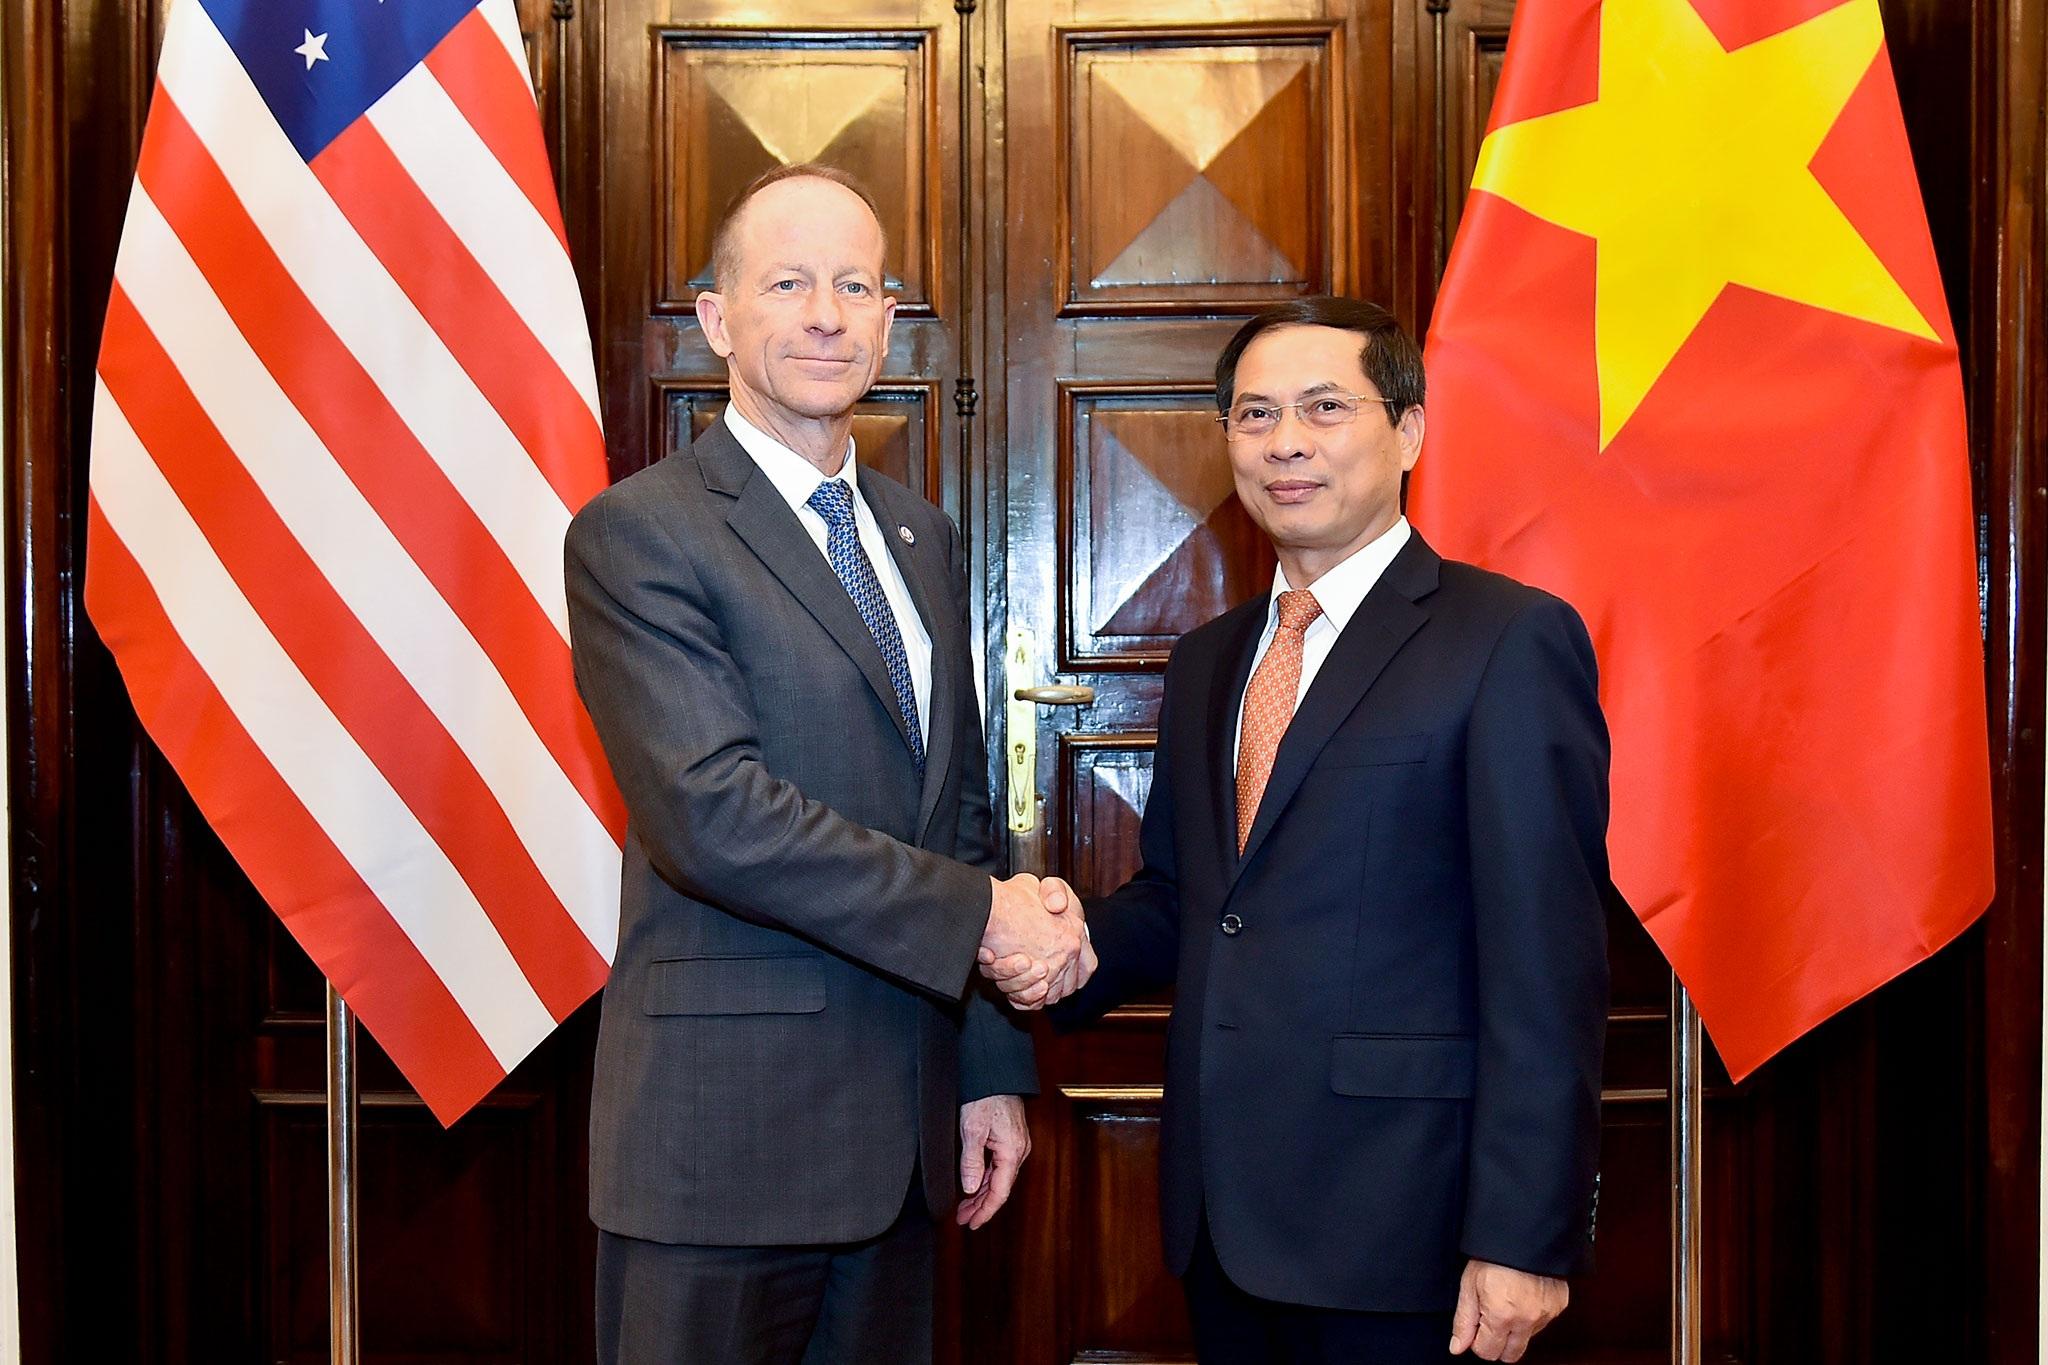 Trợ lý Ngoại trưởng Mỹ: Mỹ ủng hộ Việt Nam nắm giữ các vai trò lãnh đạo toàn cầu - 1